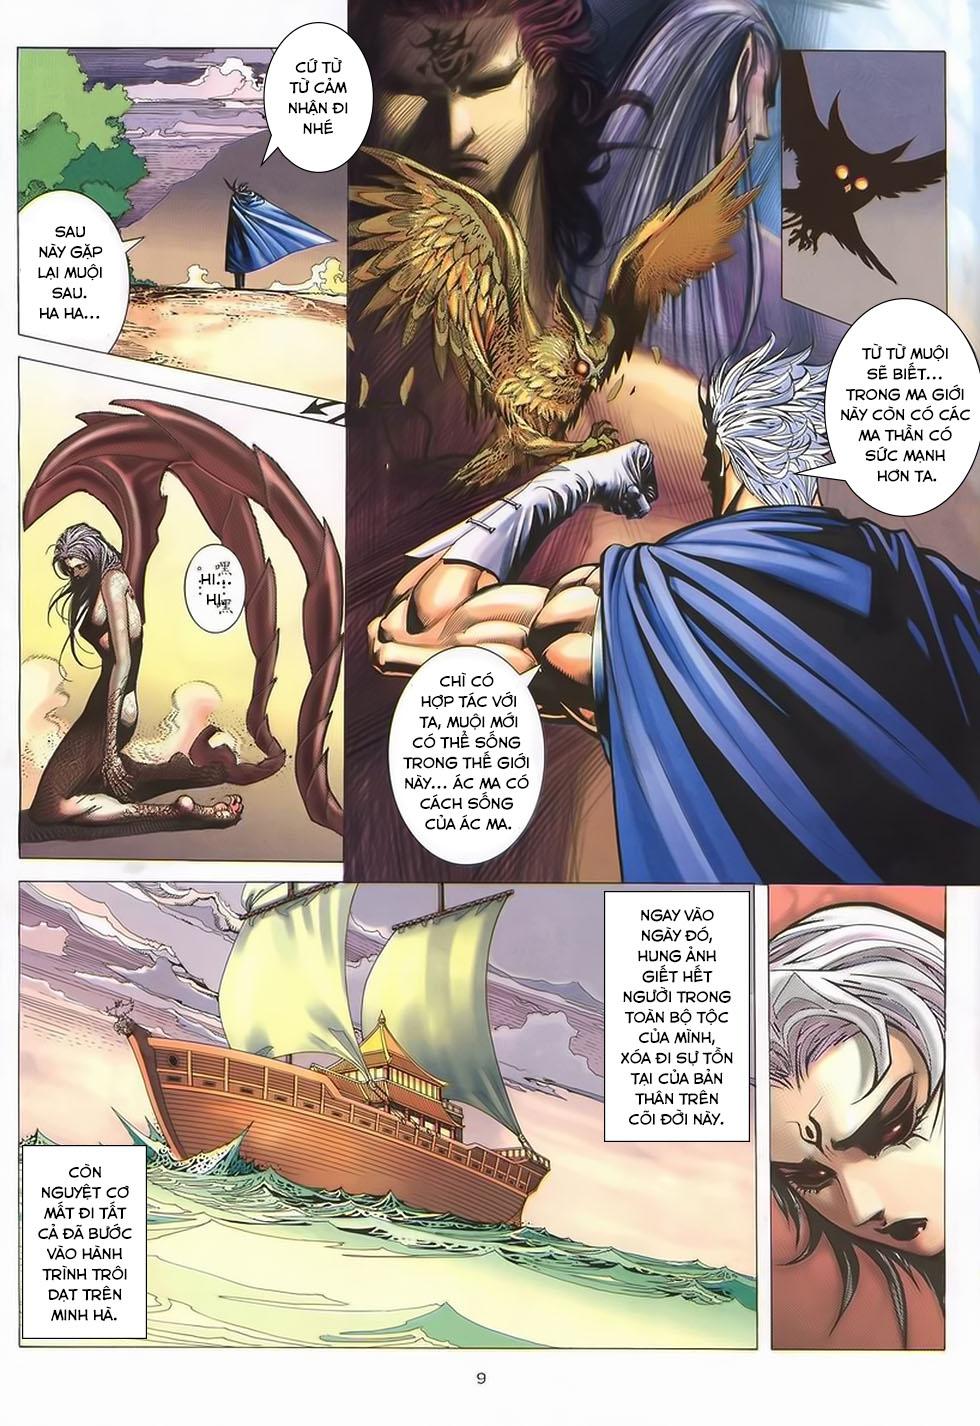 Chiến Thần Ký chap 40 - Trang 10